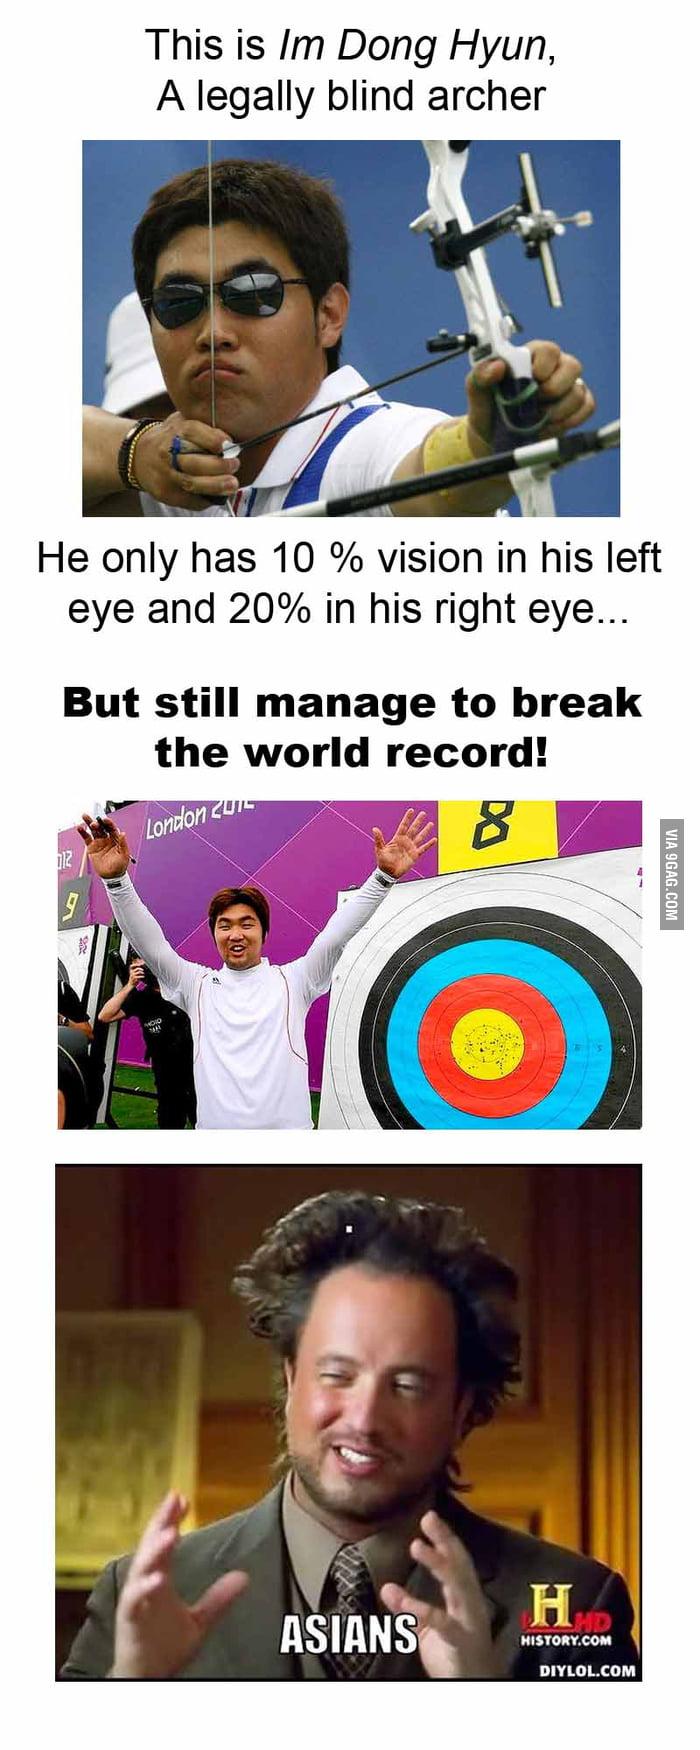 Asians strike again!